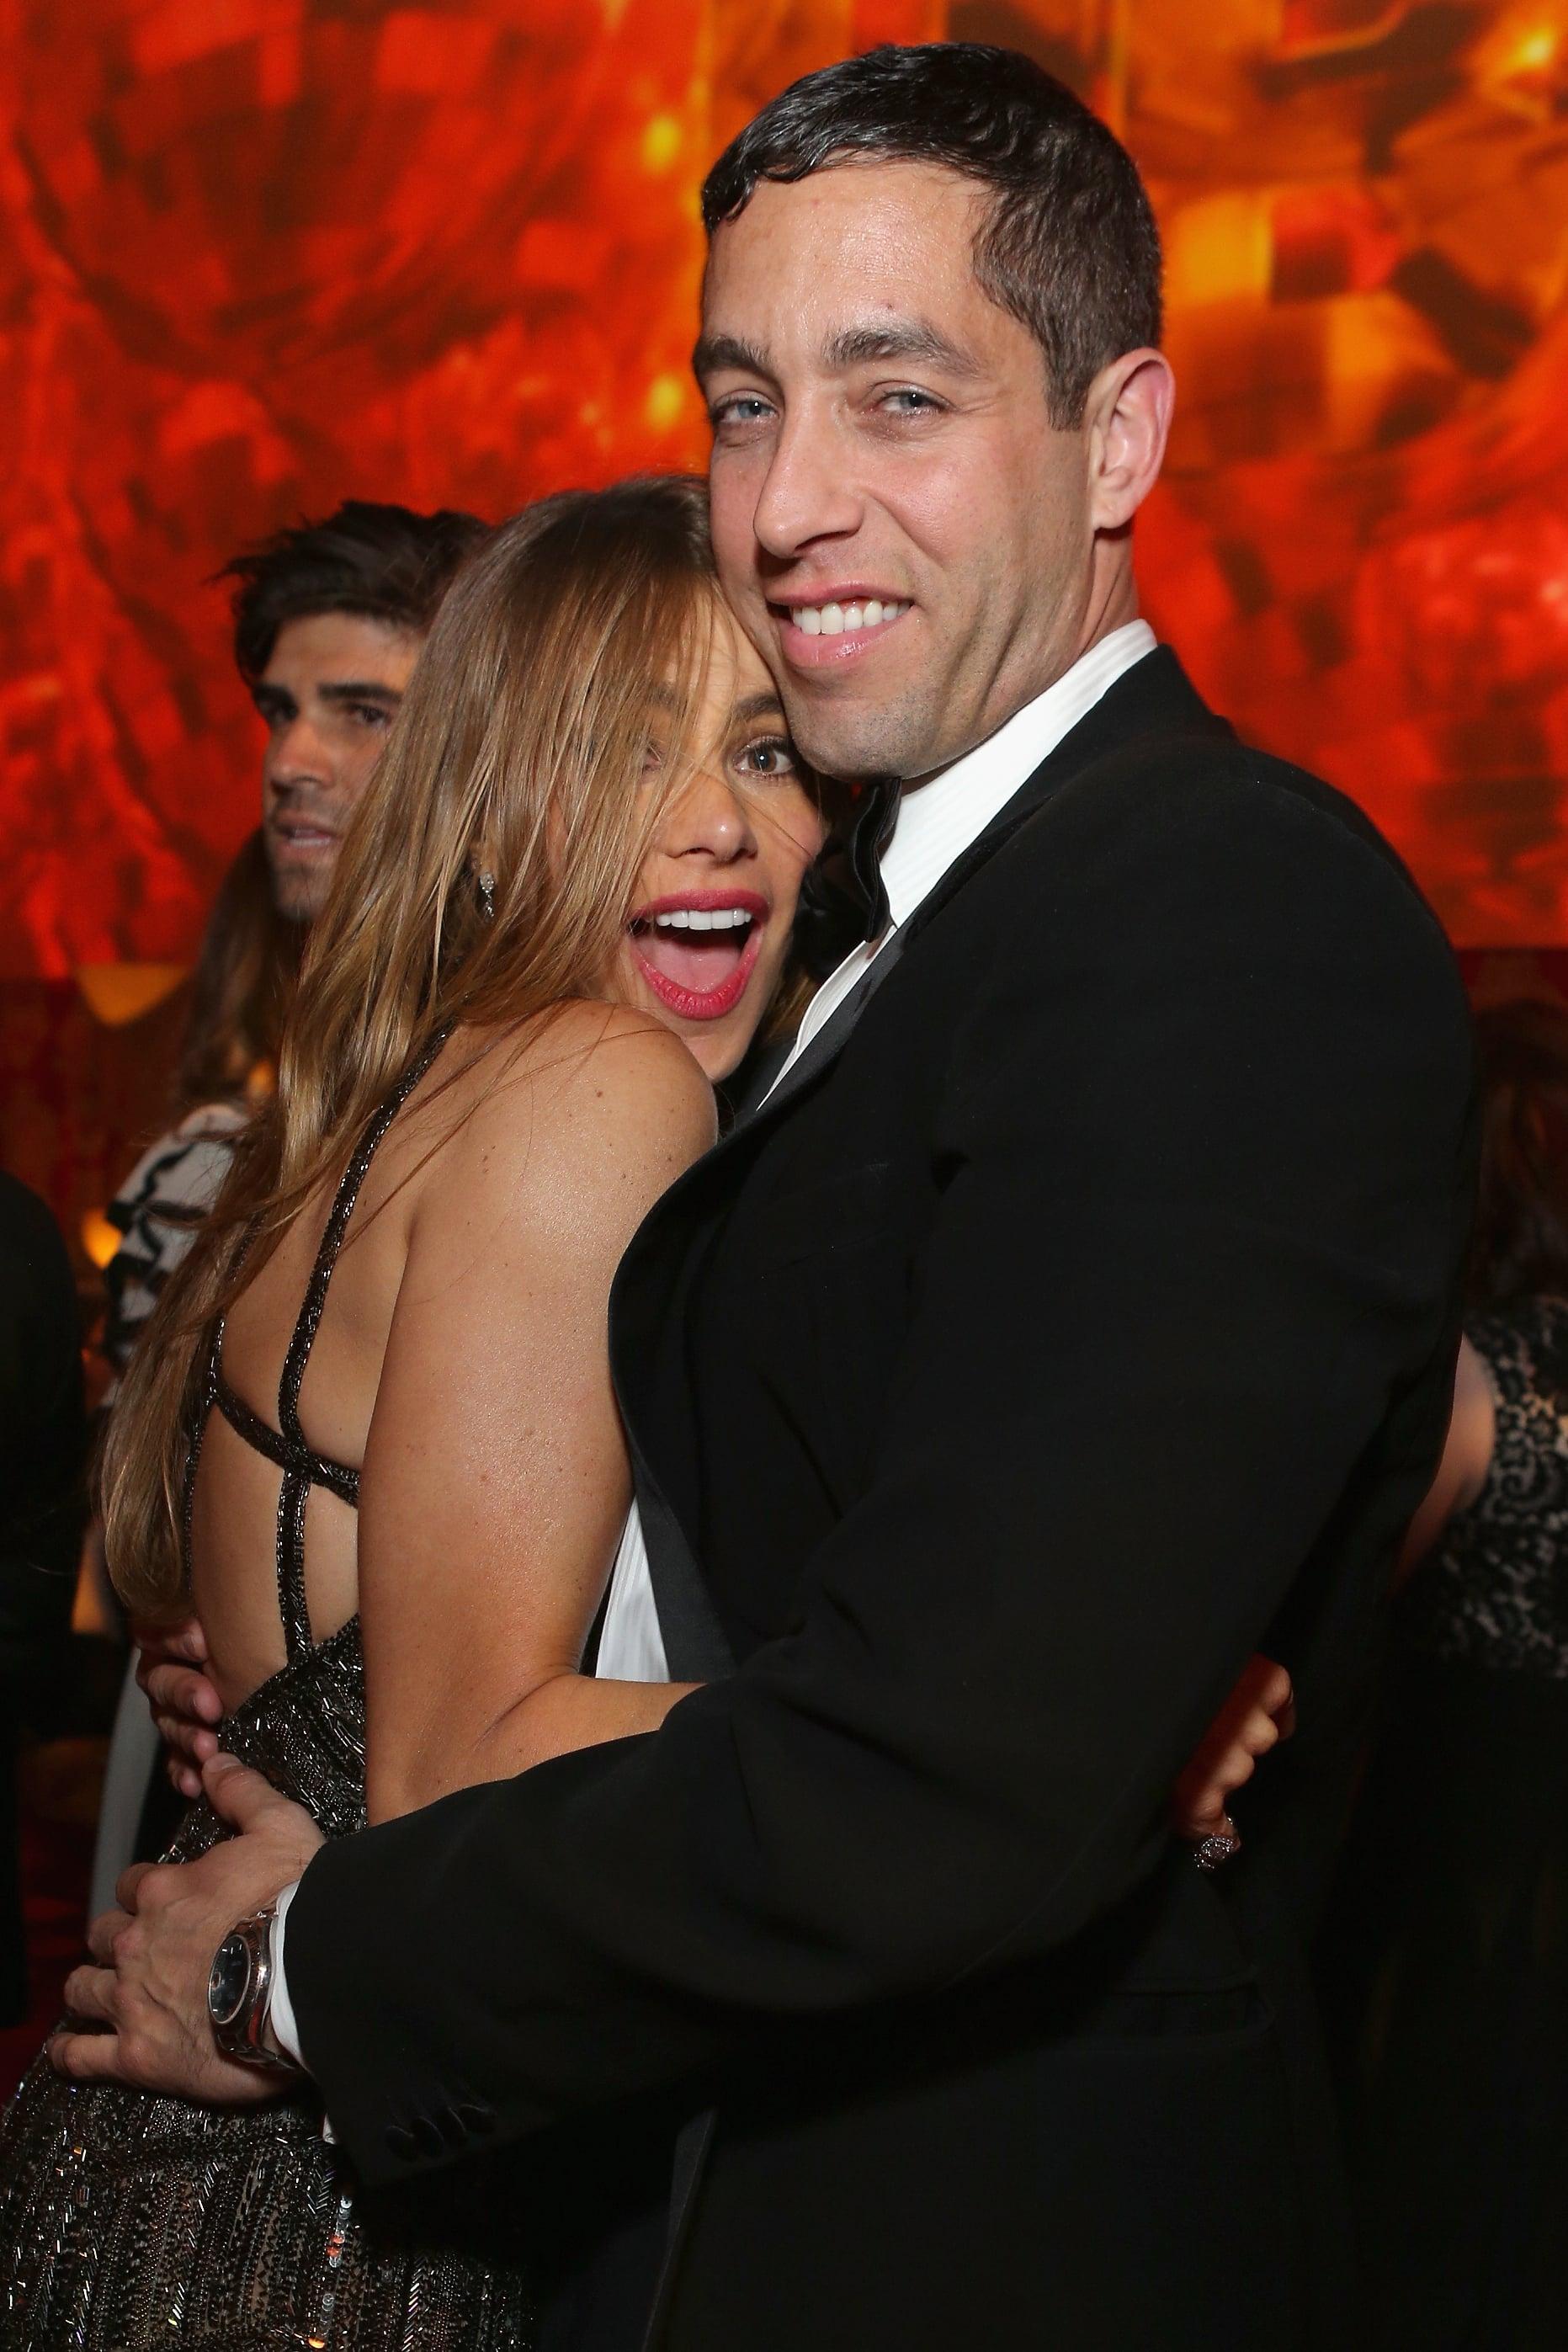 Sofia Vergara partied with Nicholas Loeb.